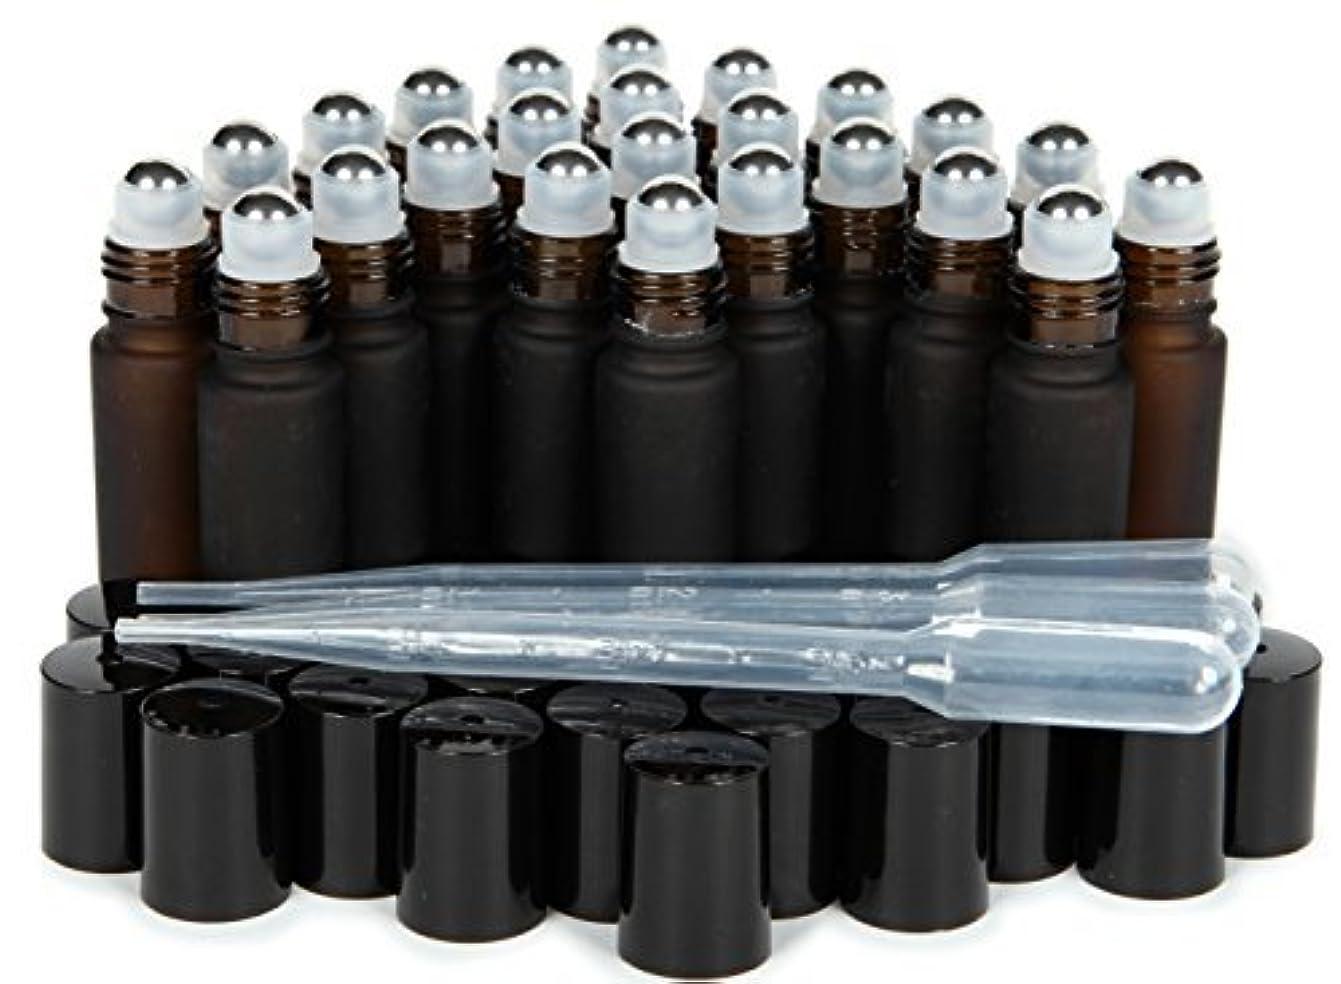 違法連結する悪行Vivaplex, 24, Frosted Amber, 10 ml Glass Roll-on Bottles with Stainless Steel Roller Balls. 3-3 ml Droppers included [並行輸入品]